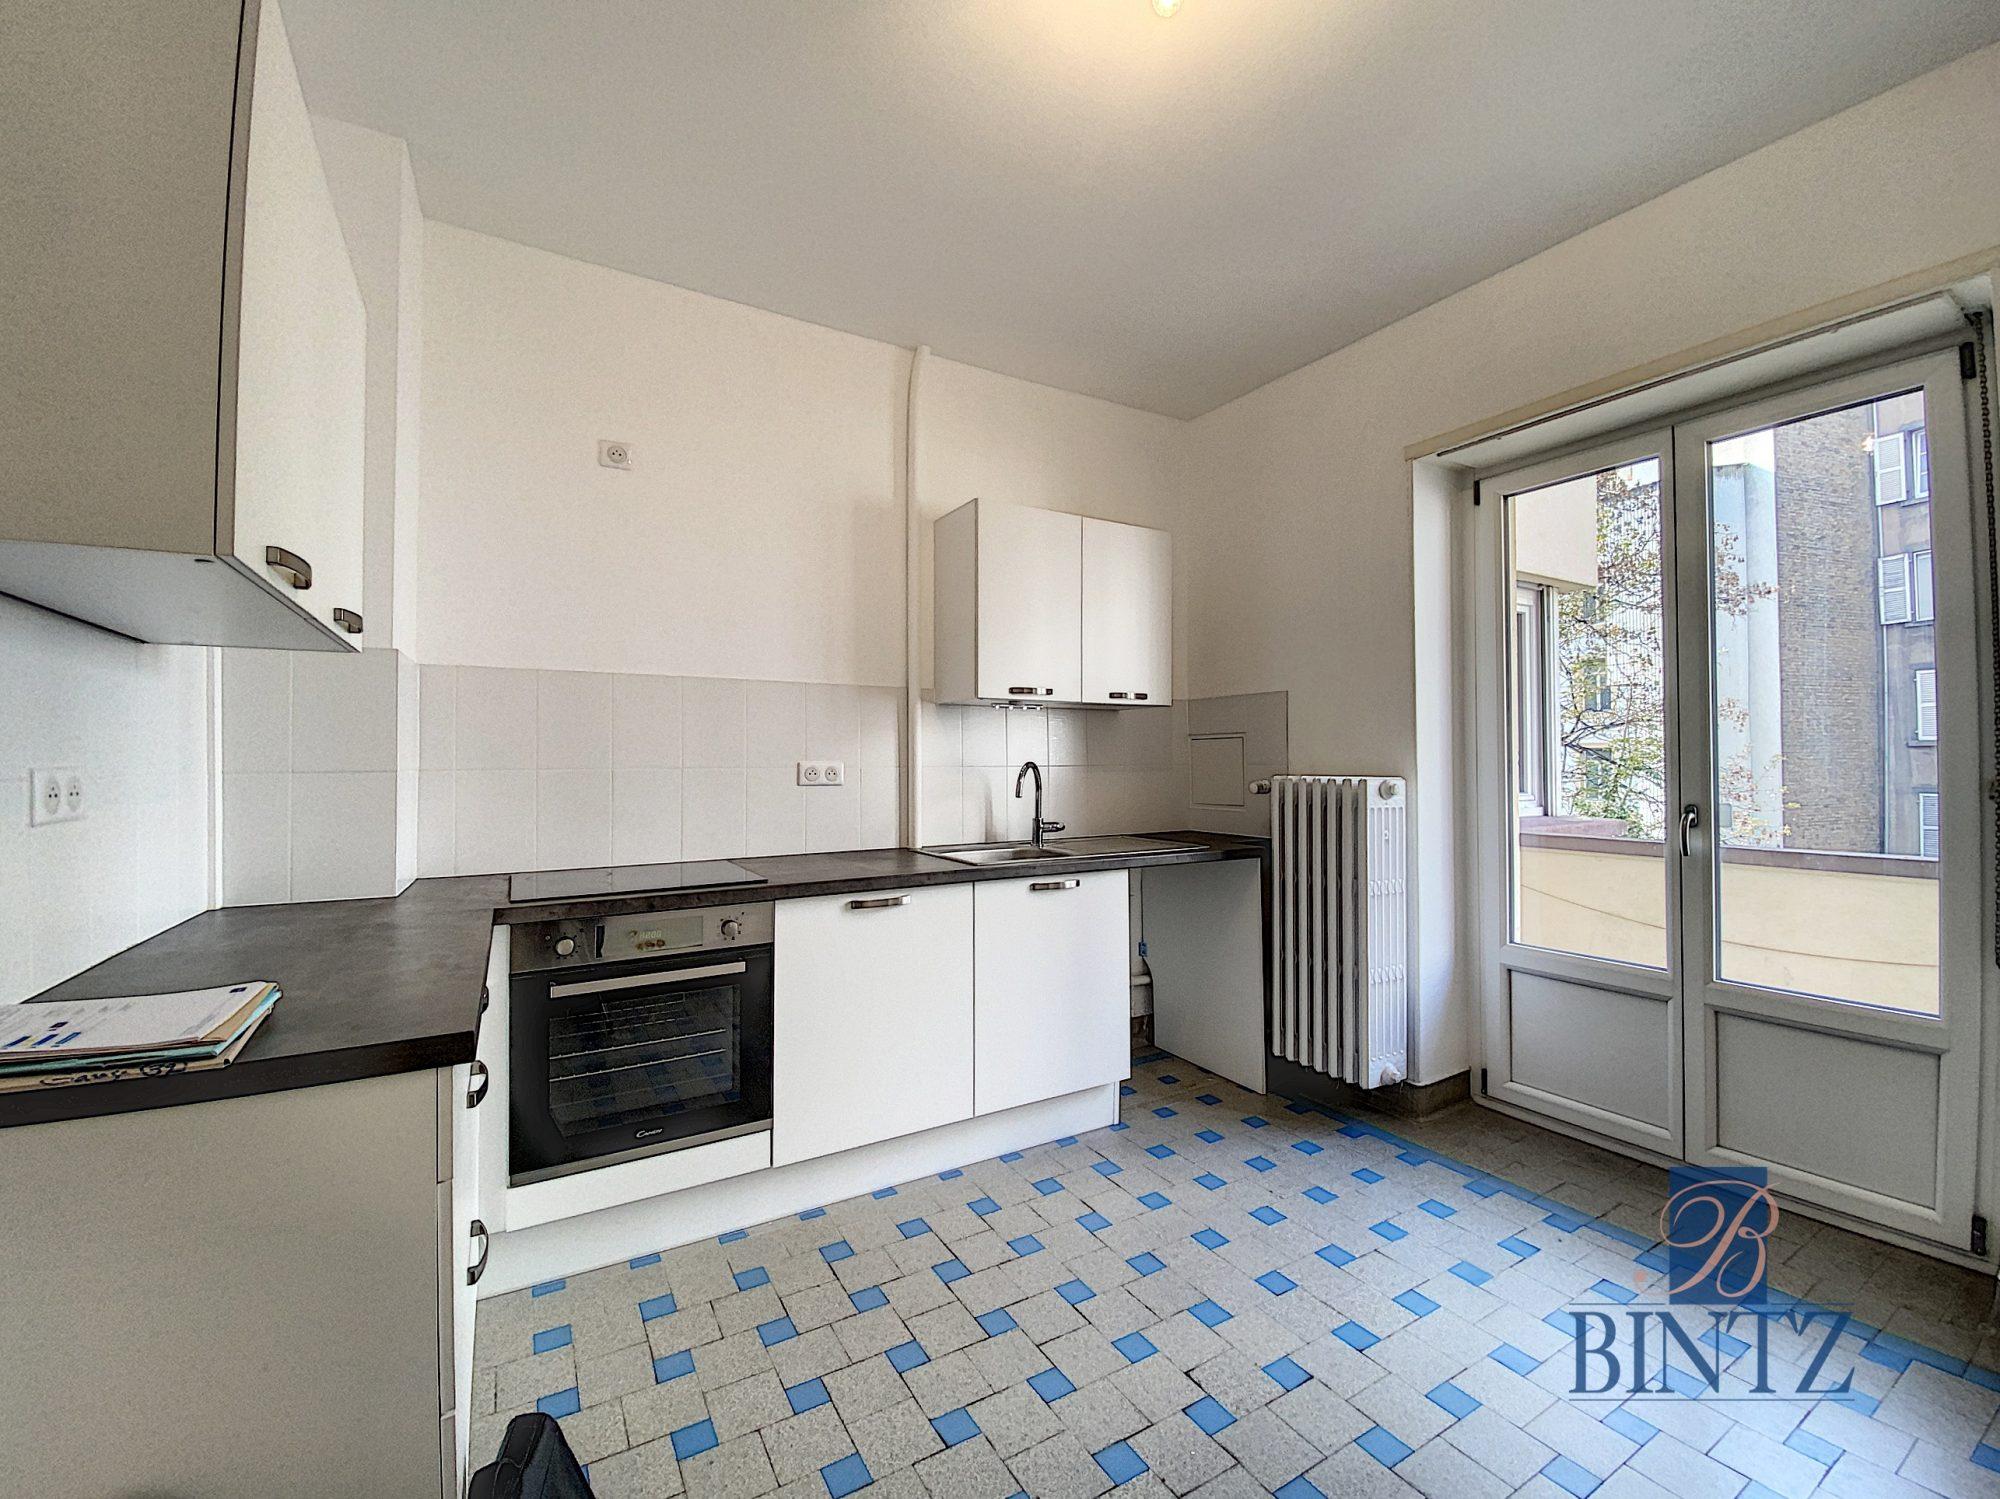 2 pièces orangerie avec balcon - Devenez locataire en toute sérénité - Bintz Immobilier - 3